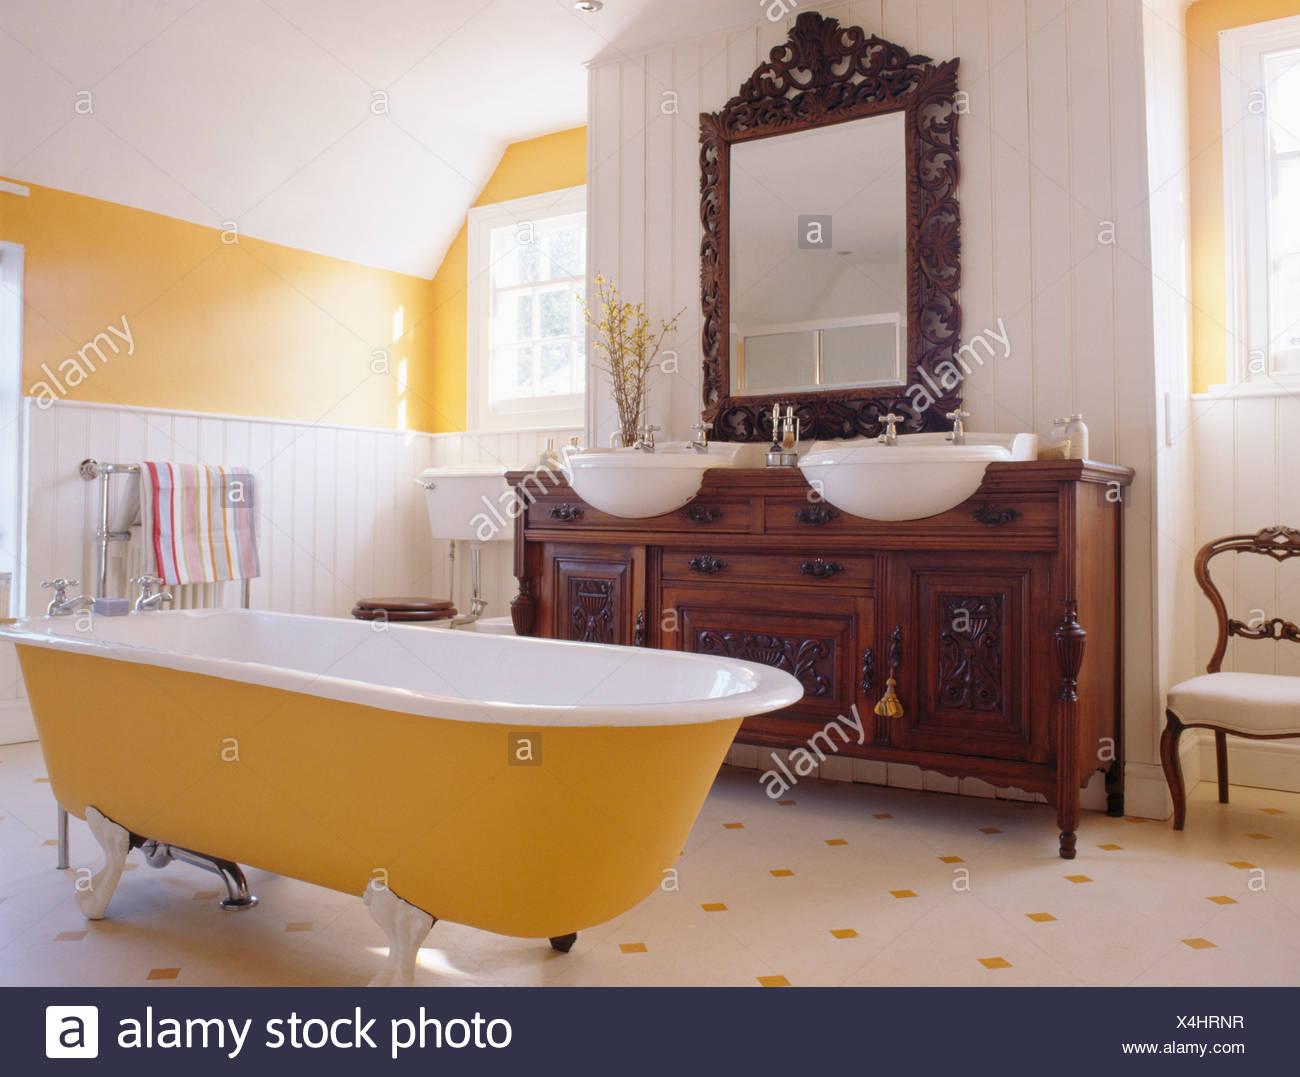 Baignoire Jaune En Jaune Et Blanc Salle De Bains Avec Un Miroir Encadré De  Bois Au Dessus De Bassins En Meuble En Acajou